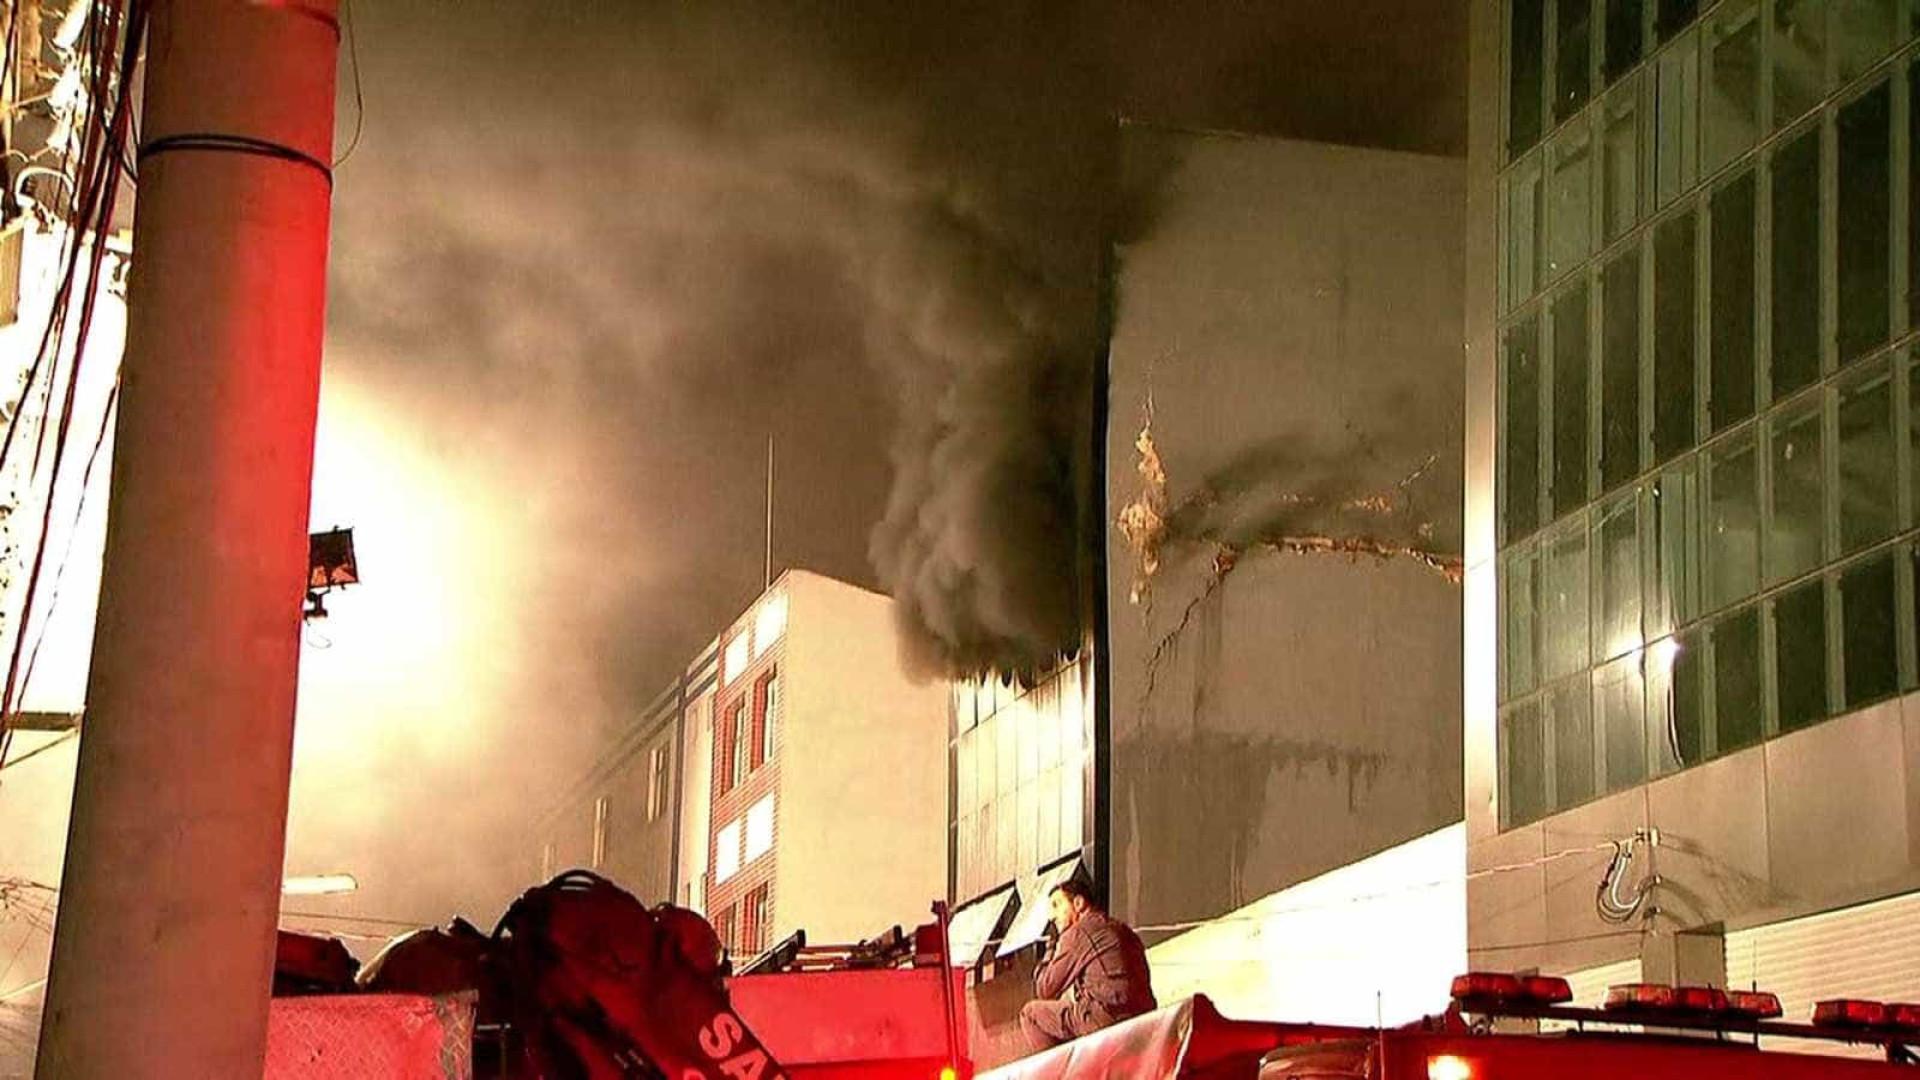 Parte de prédio em chamas desaba no Centro de SP